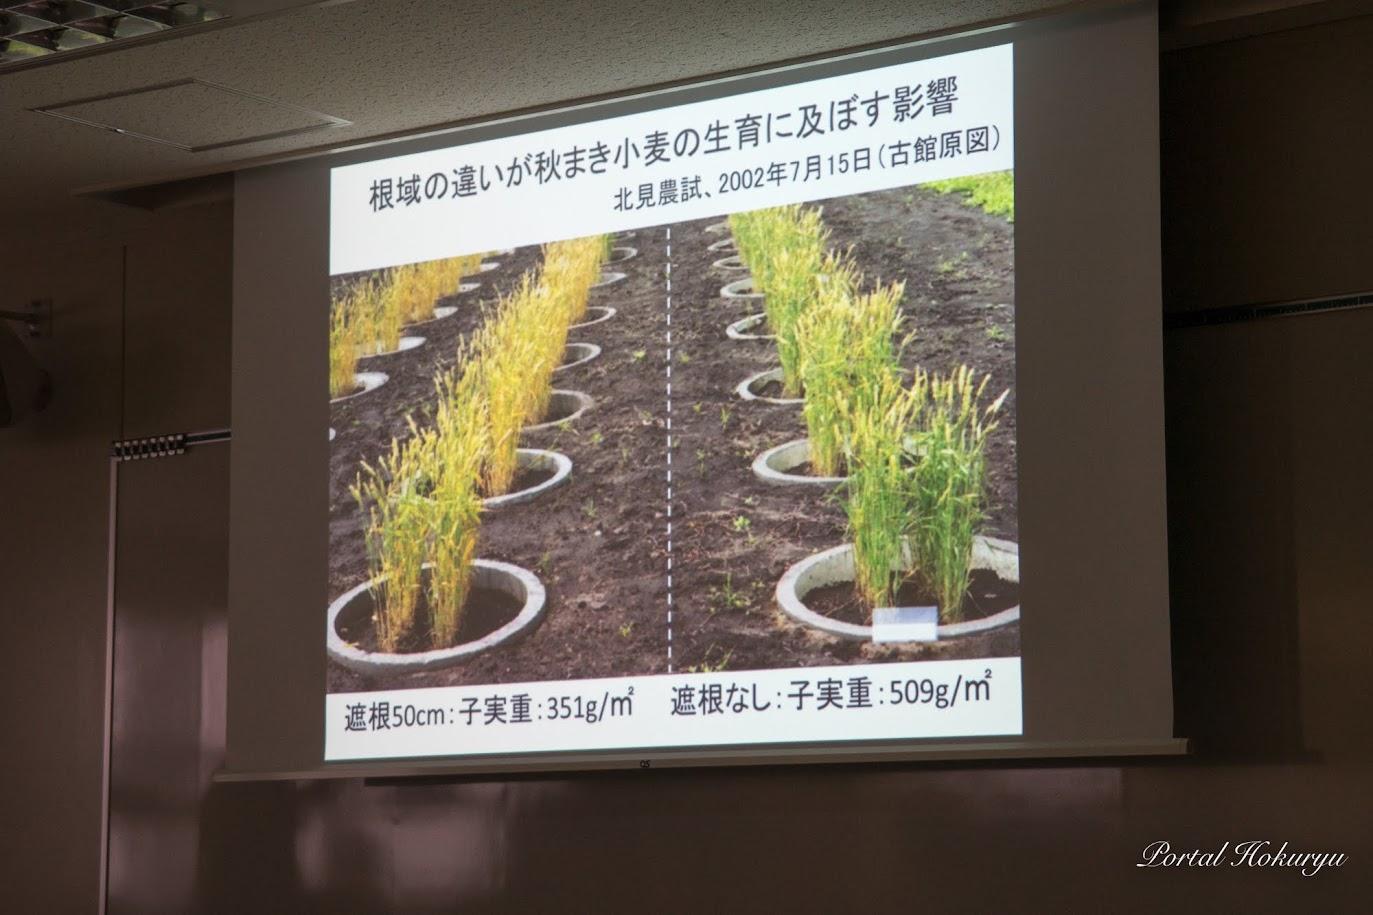 地域の違いが秋まき小麦の生育に及ぼす影響